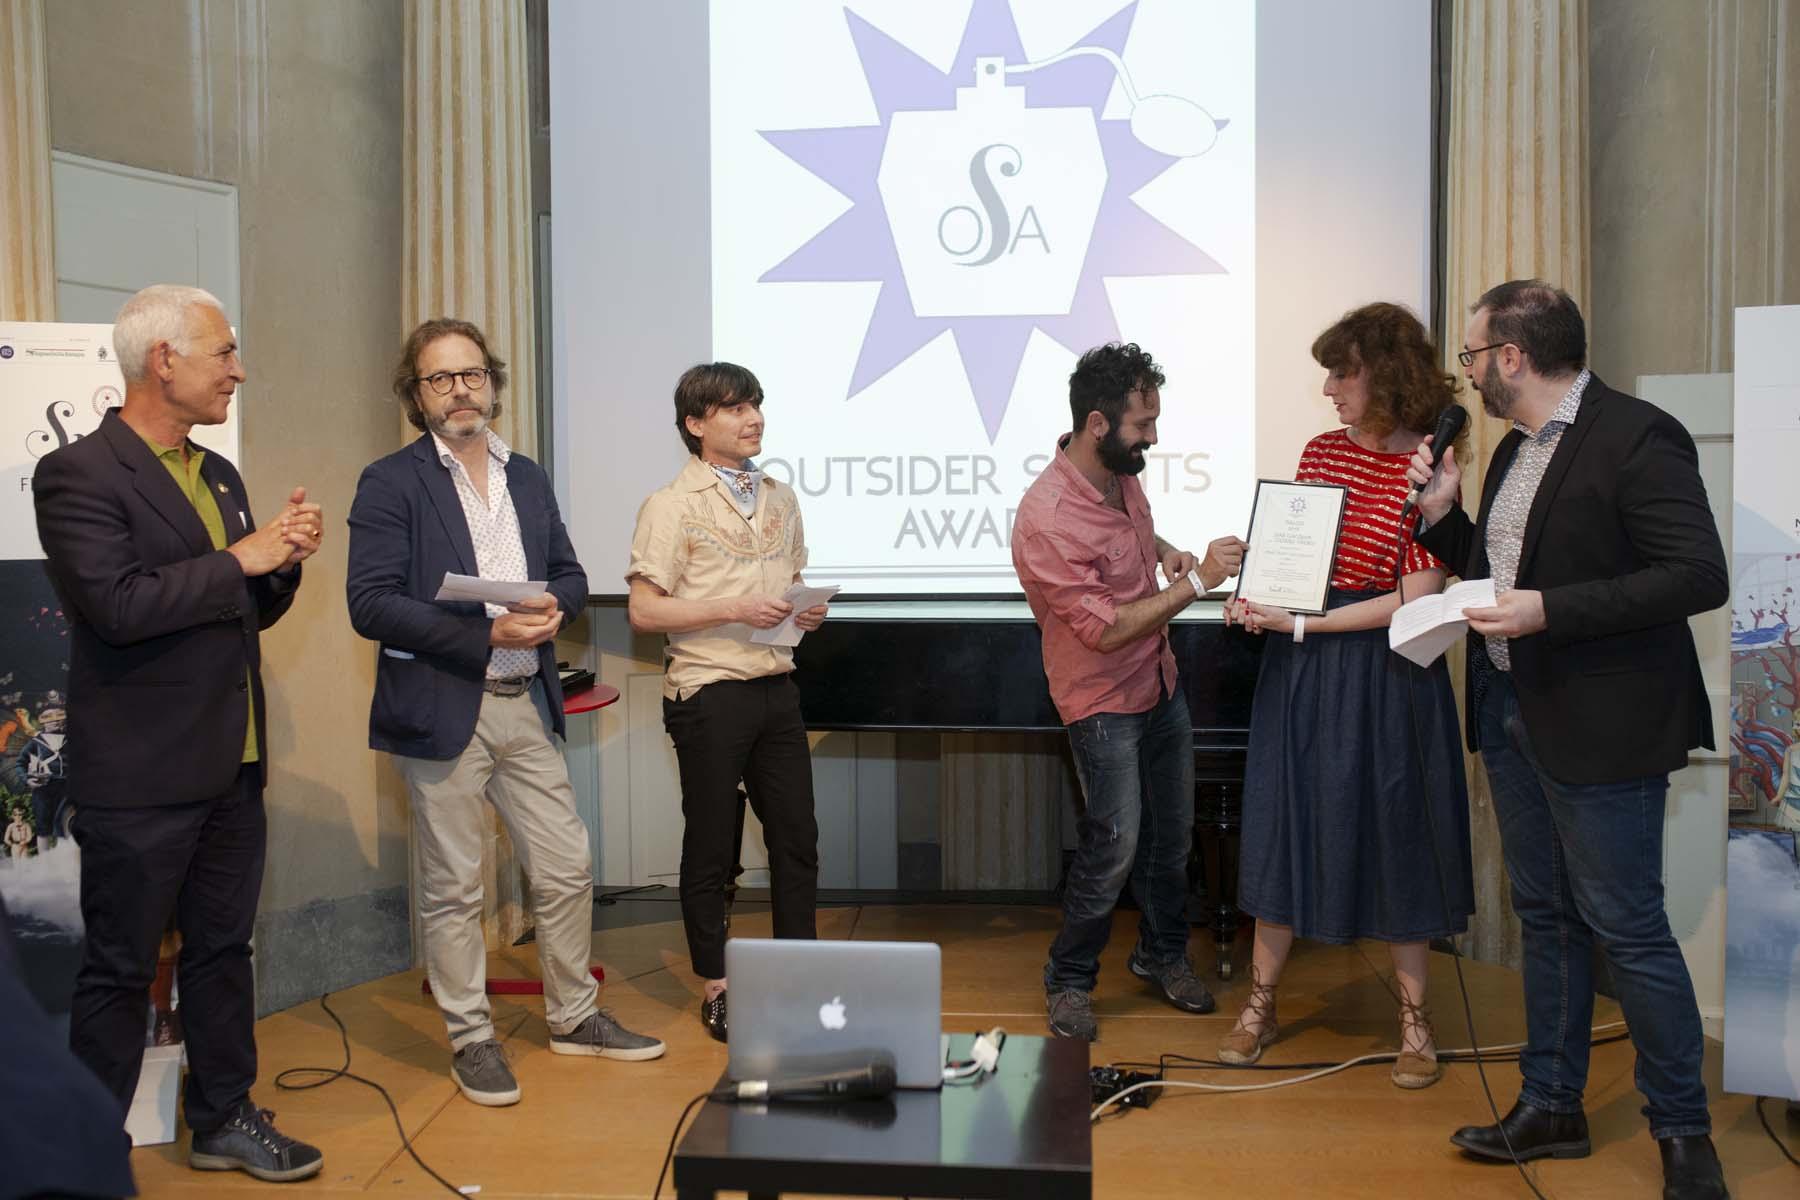 Joan Giacomin Stefano Tirendi OSA! Award 2018